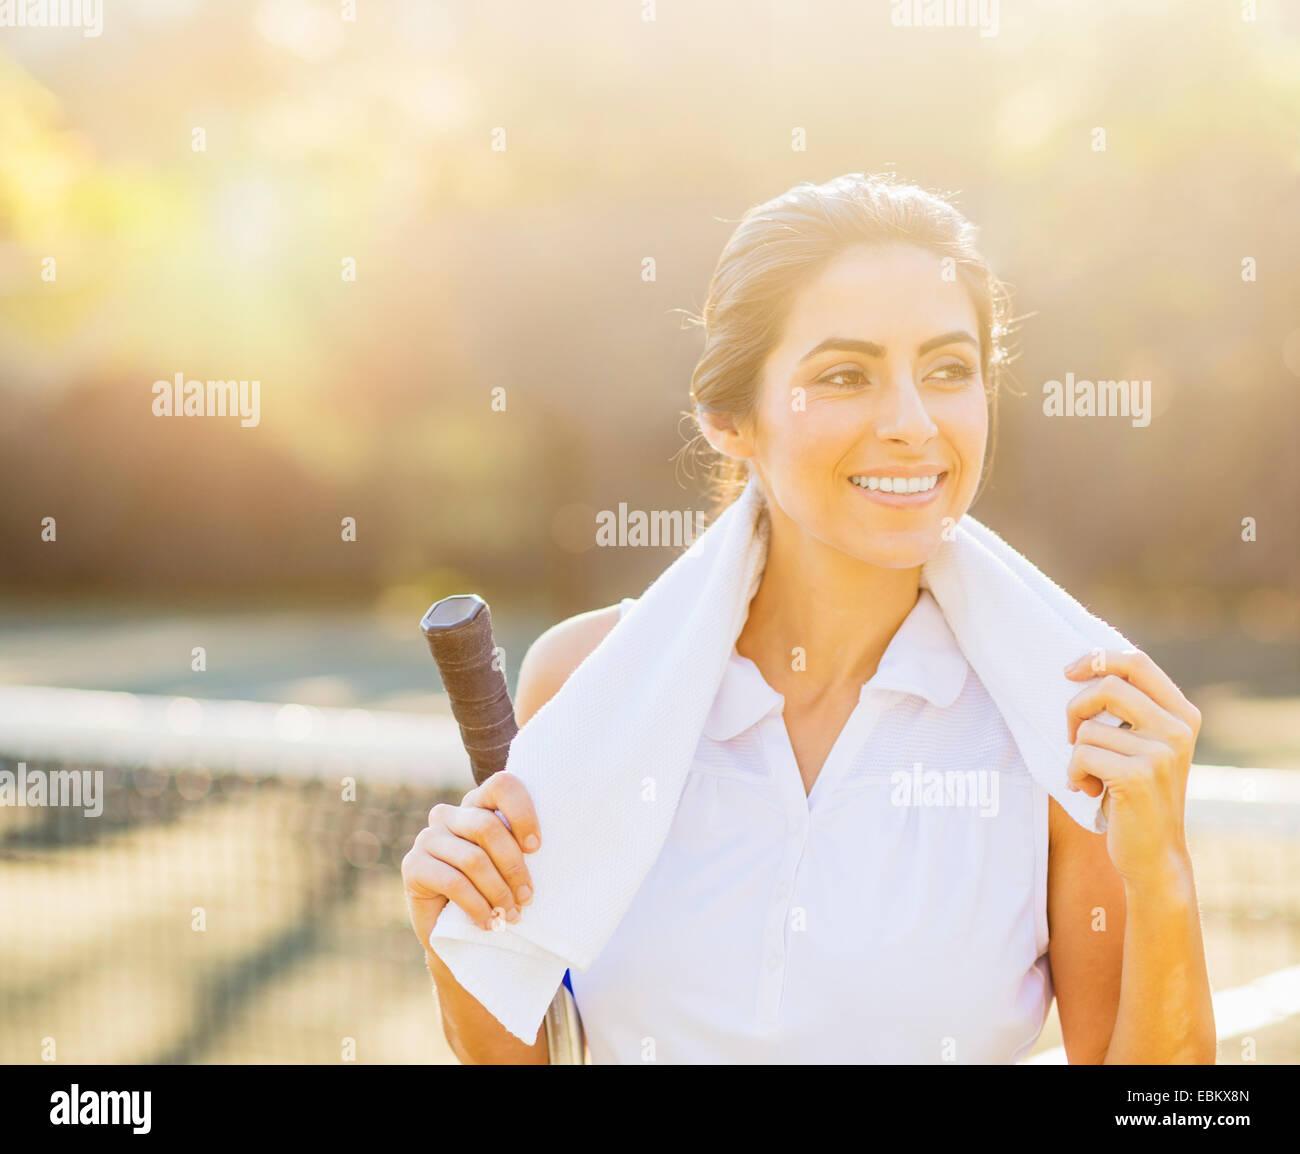 Ritratto di sorridente giovane donna con asciugamano e racchetta da tennis Immagini Stock